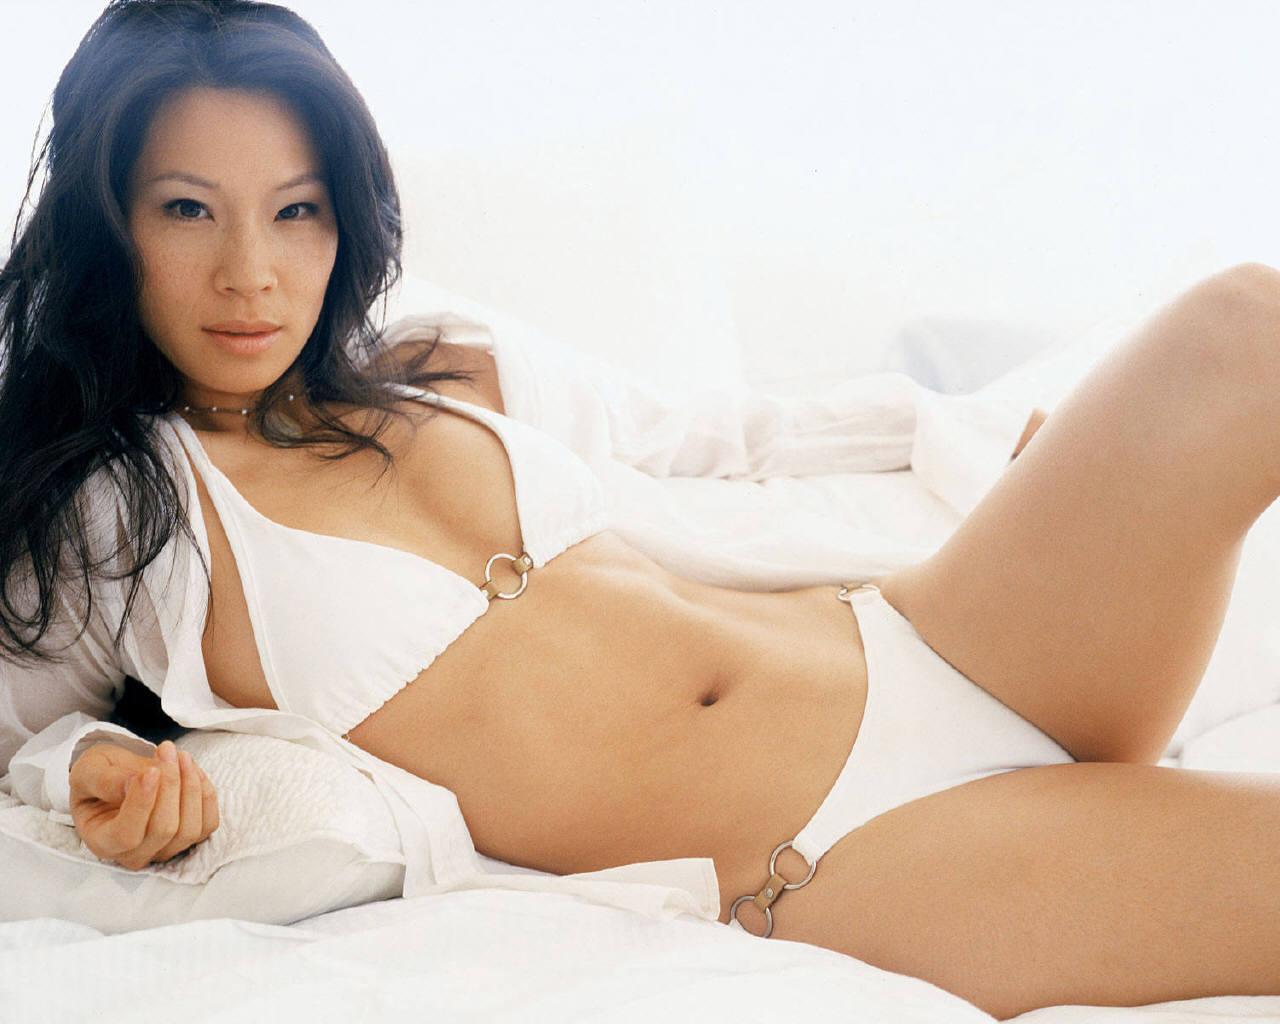 Lucy Liu desnuda - Fotos y Vdeos - ImperiodeFamosas